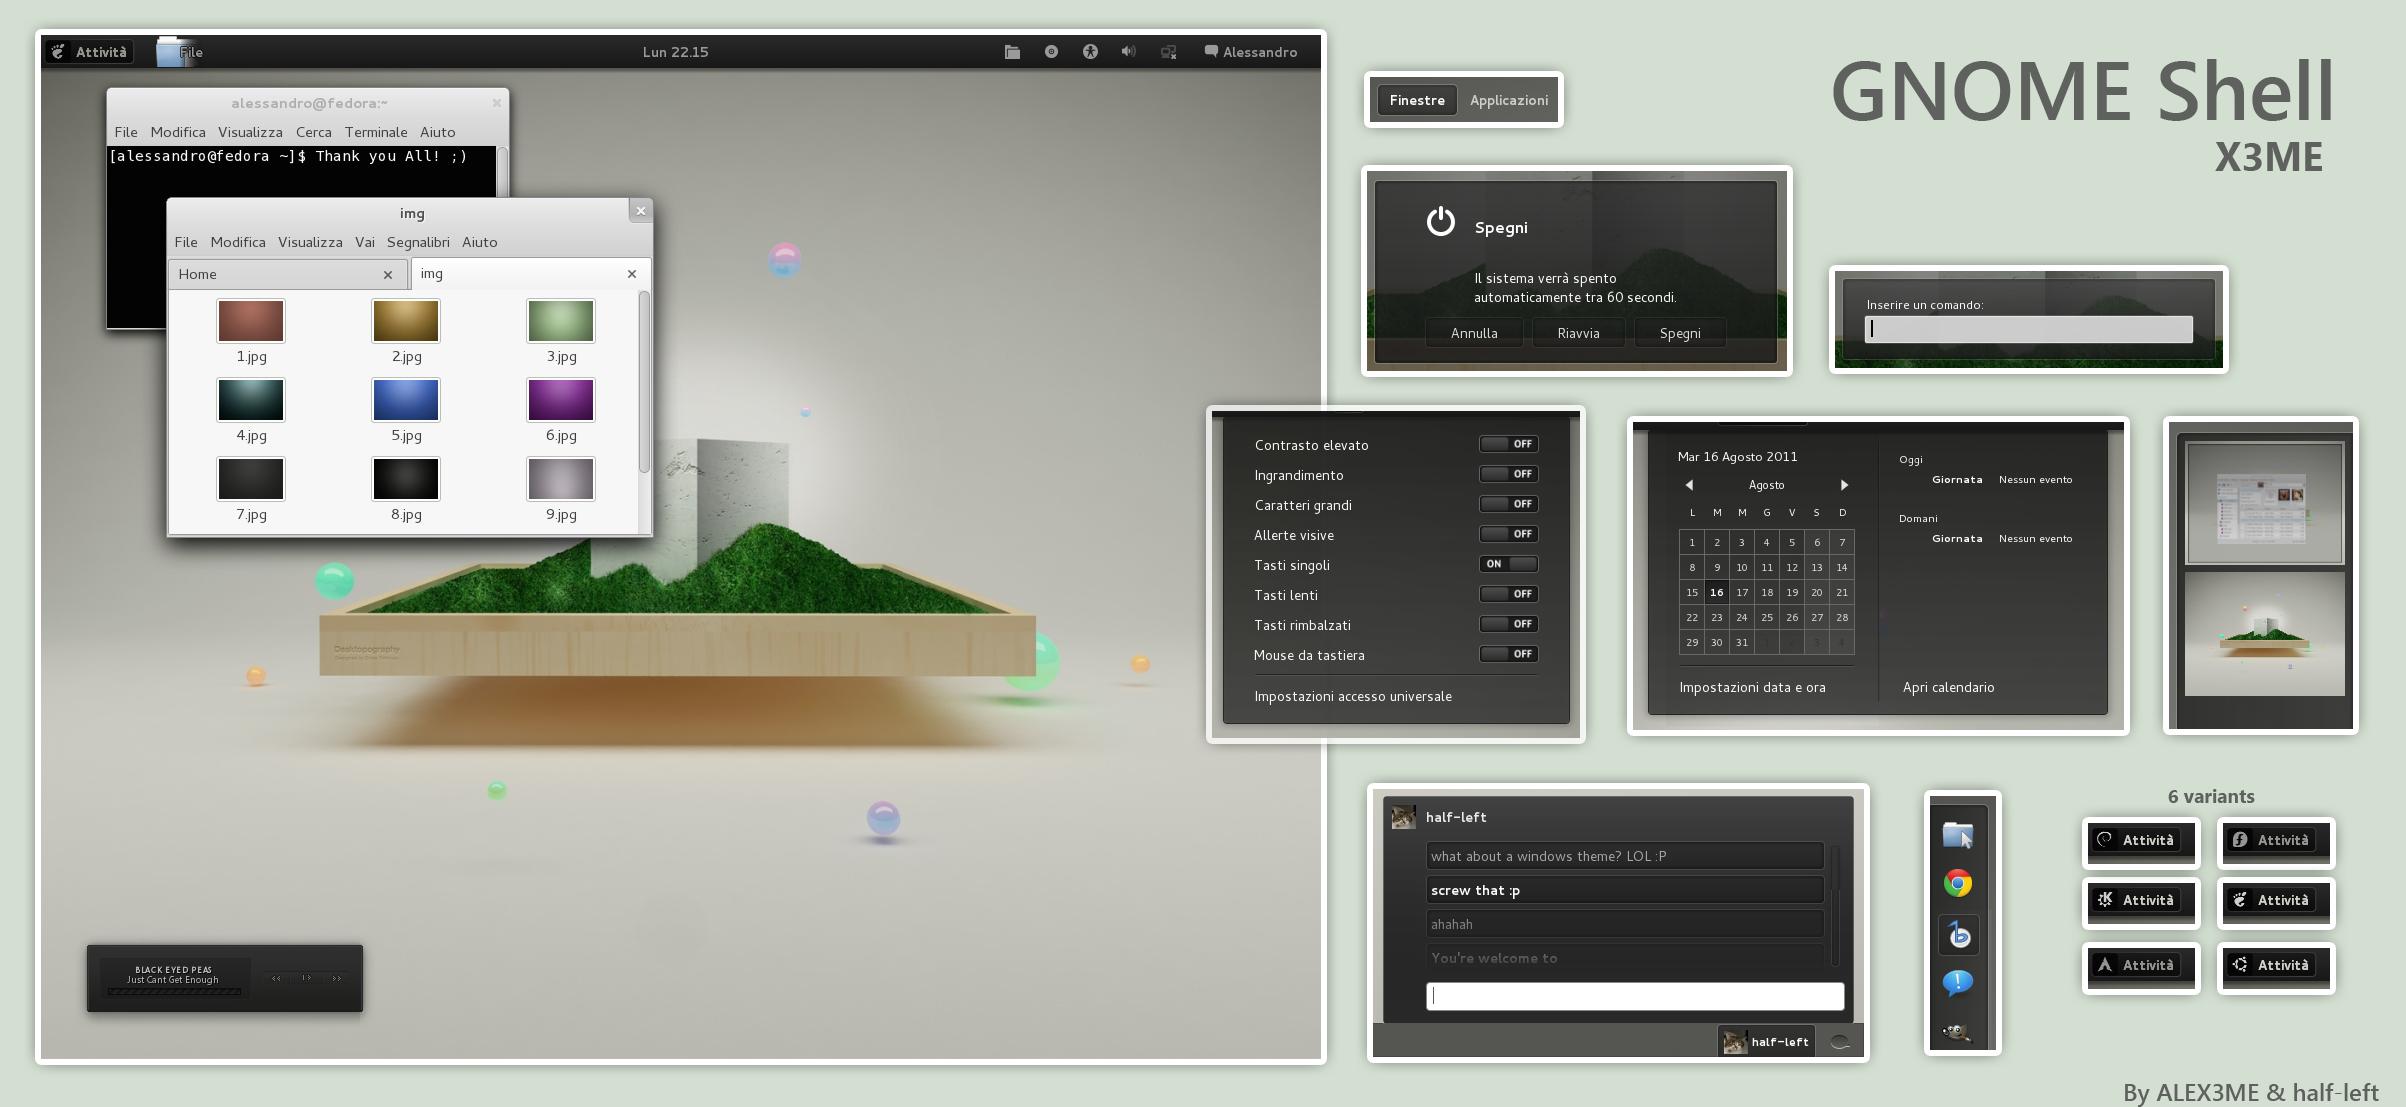 GNOME Shell - X3ME by ALEX3ME